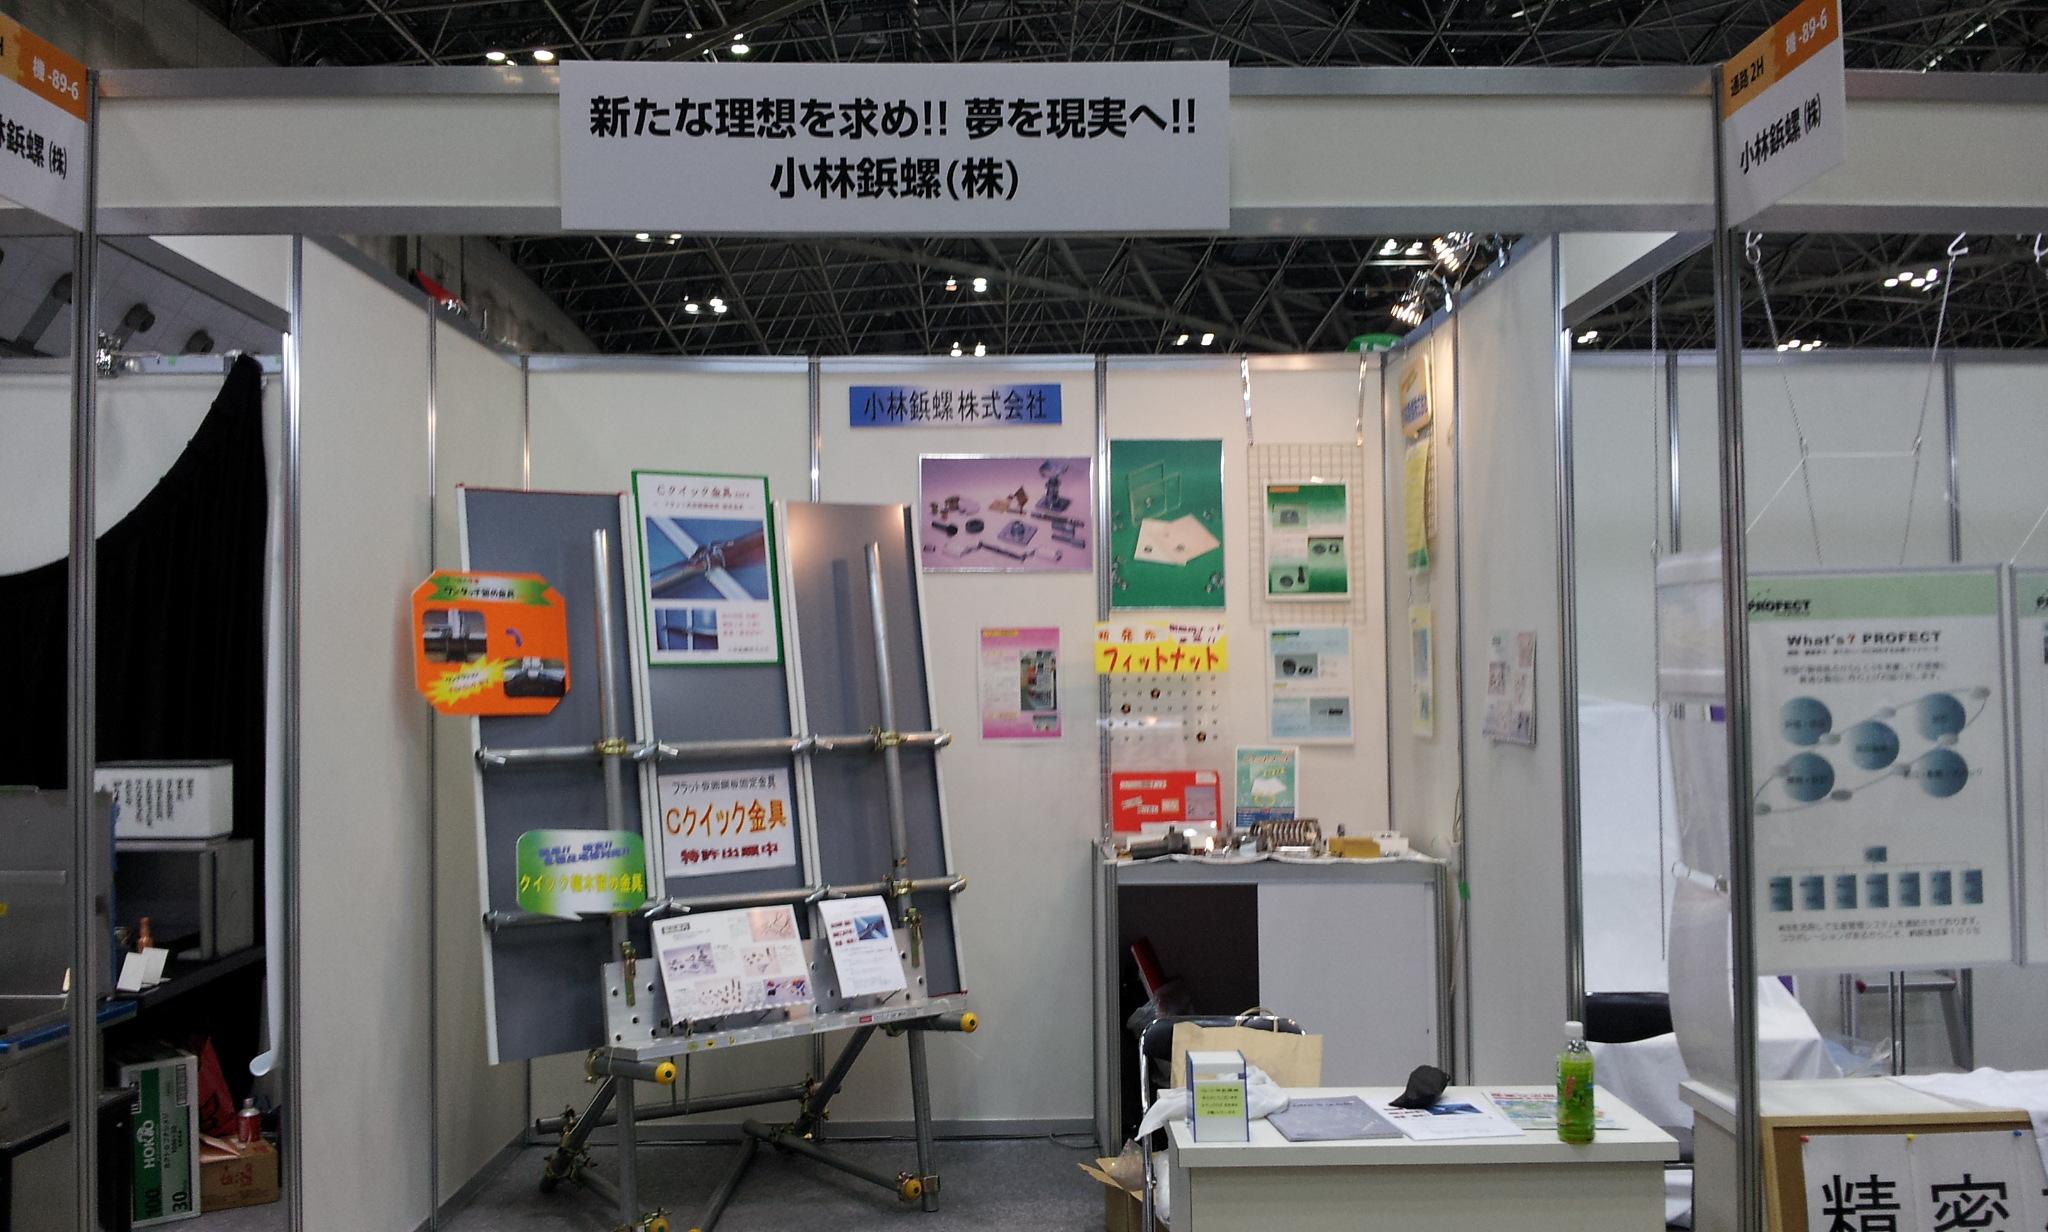 「産業交流展2012」に出展しました